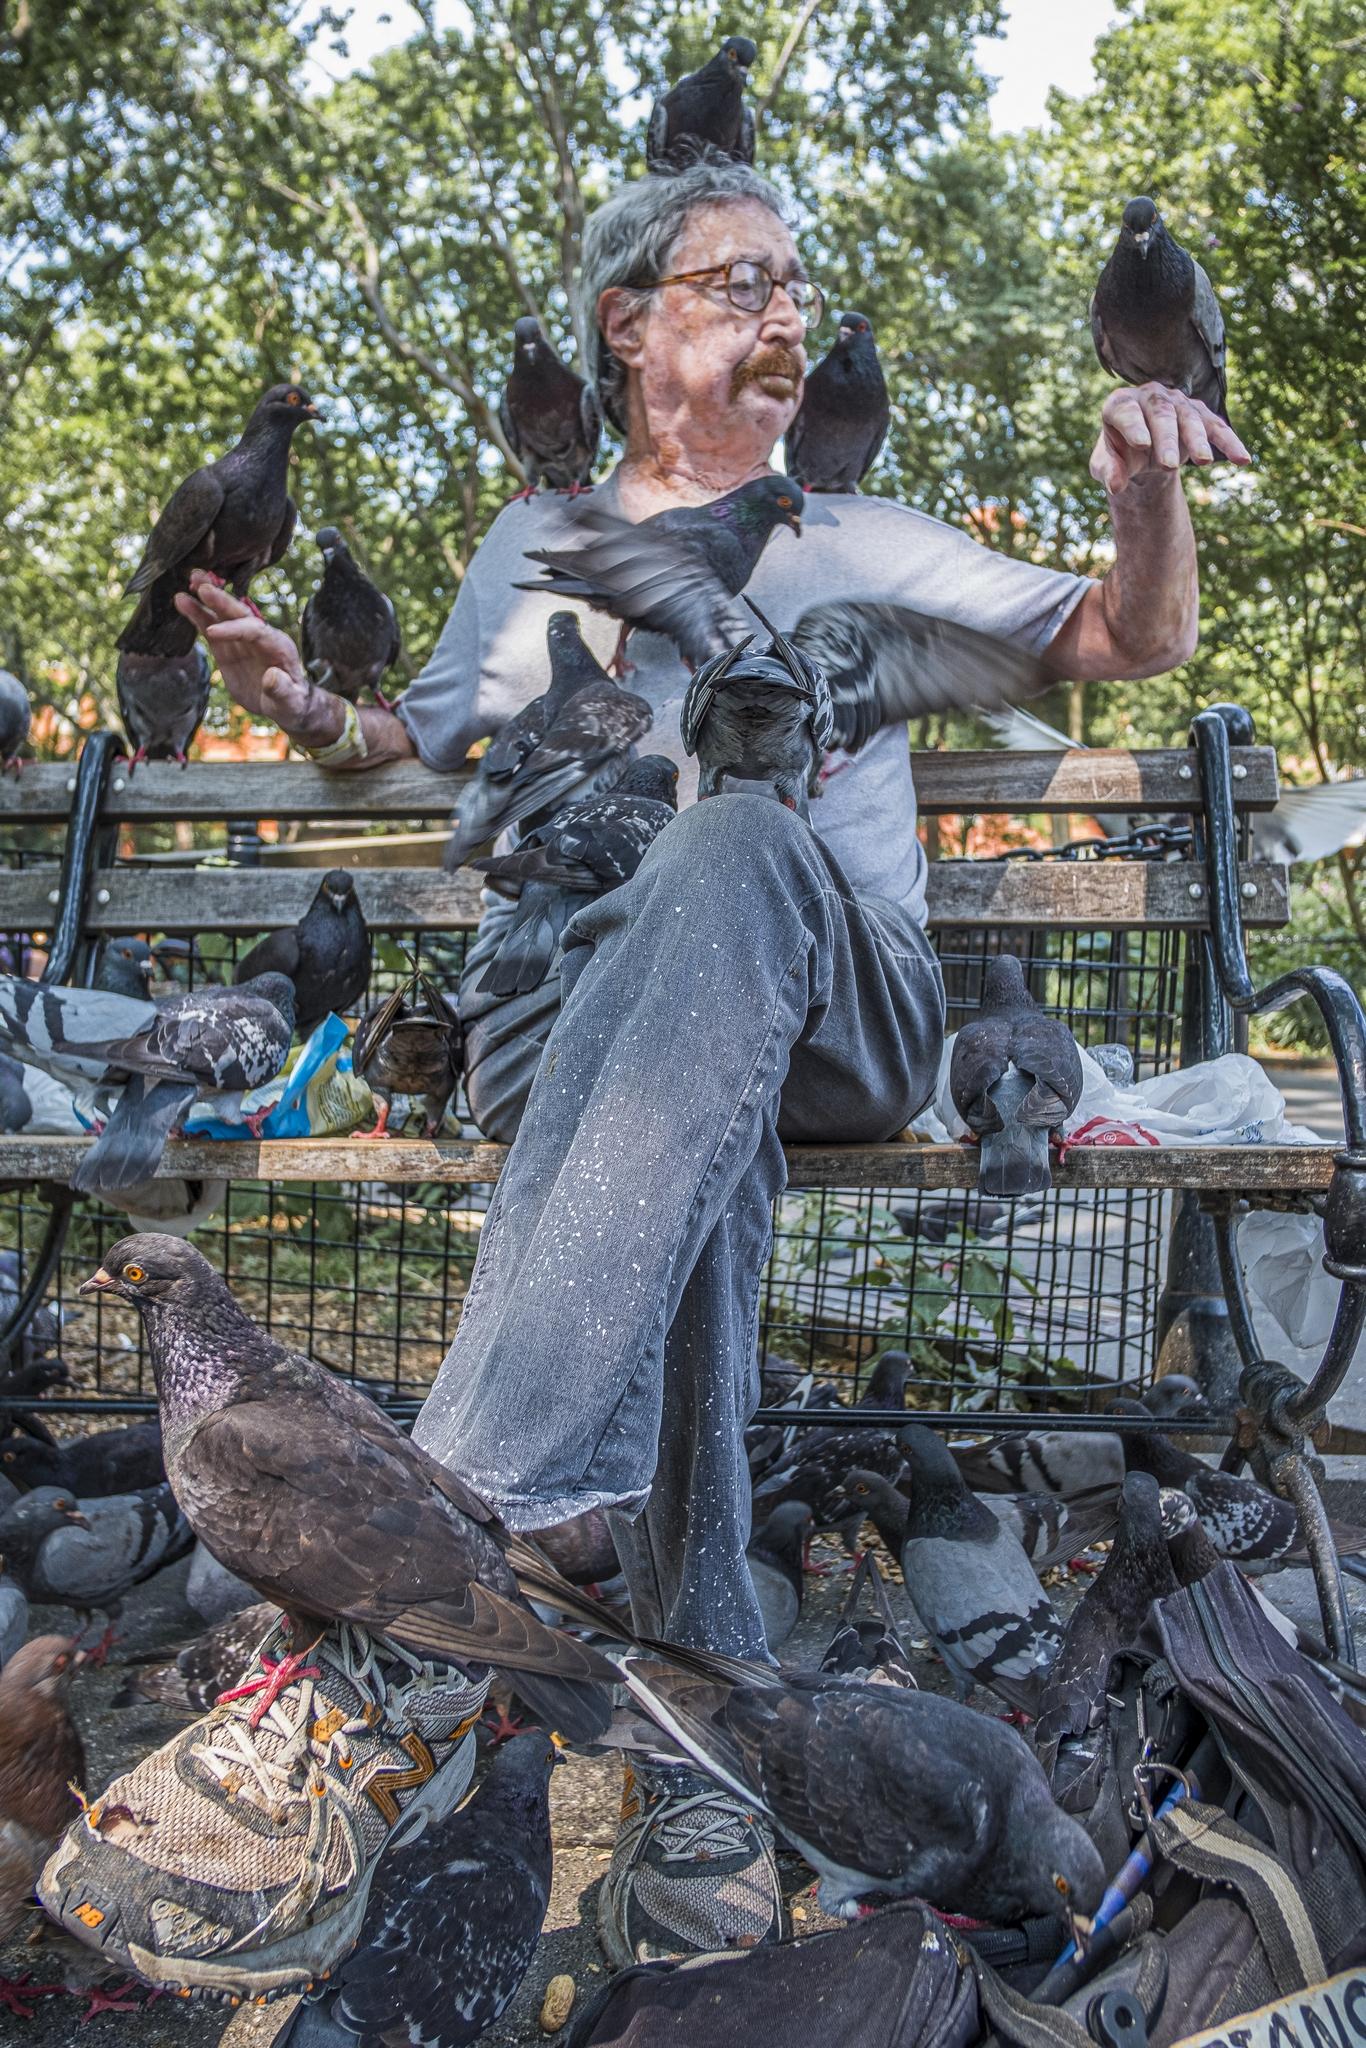 8. NYC Birdman